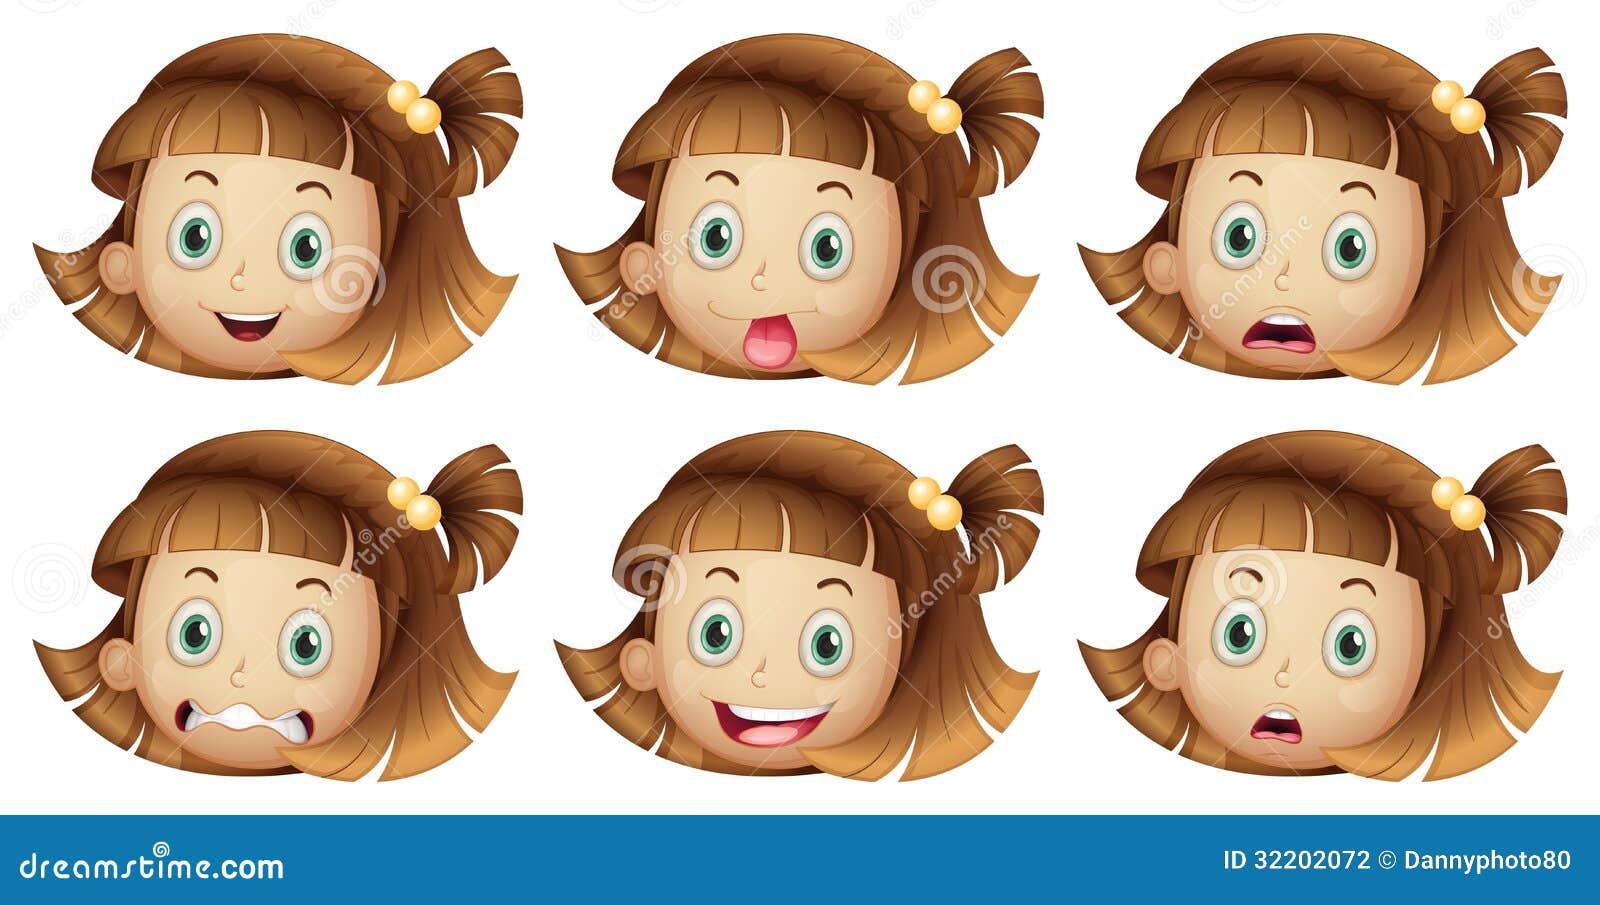 一个女孩的不同的表情的例证白色背景的.图片